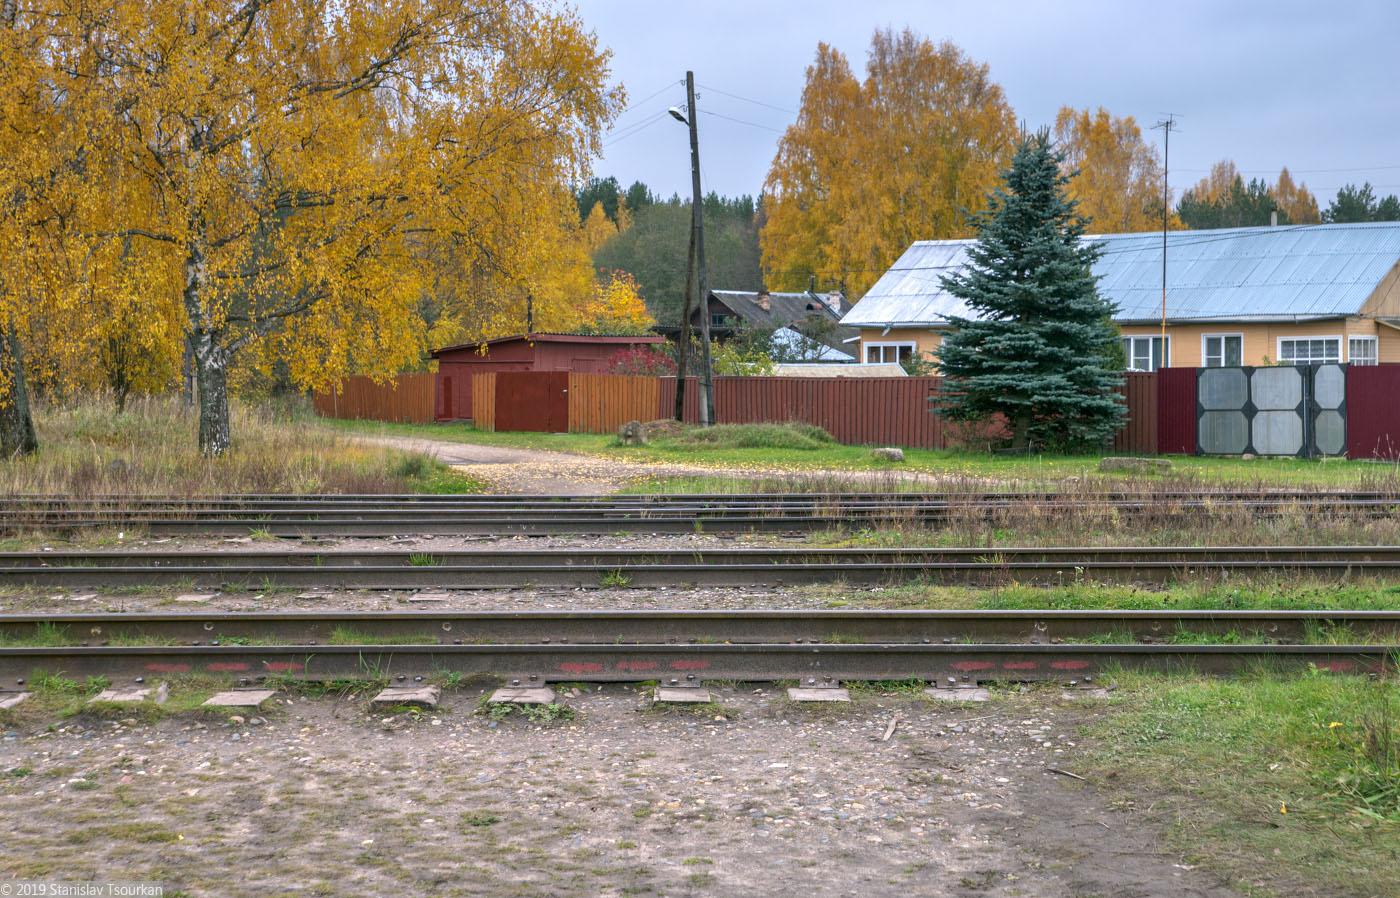 Весьегонск, Тверская область, ж/д, железная дорога, станция Весьегонск, шпалы, деревянные шпалы